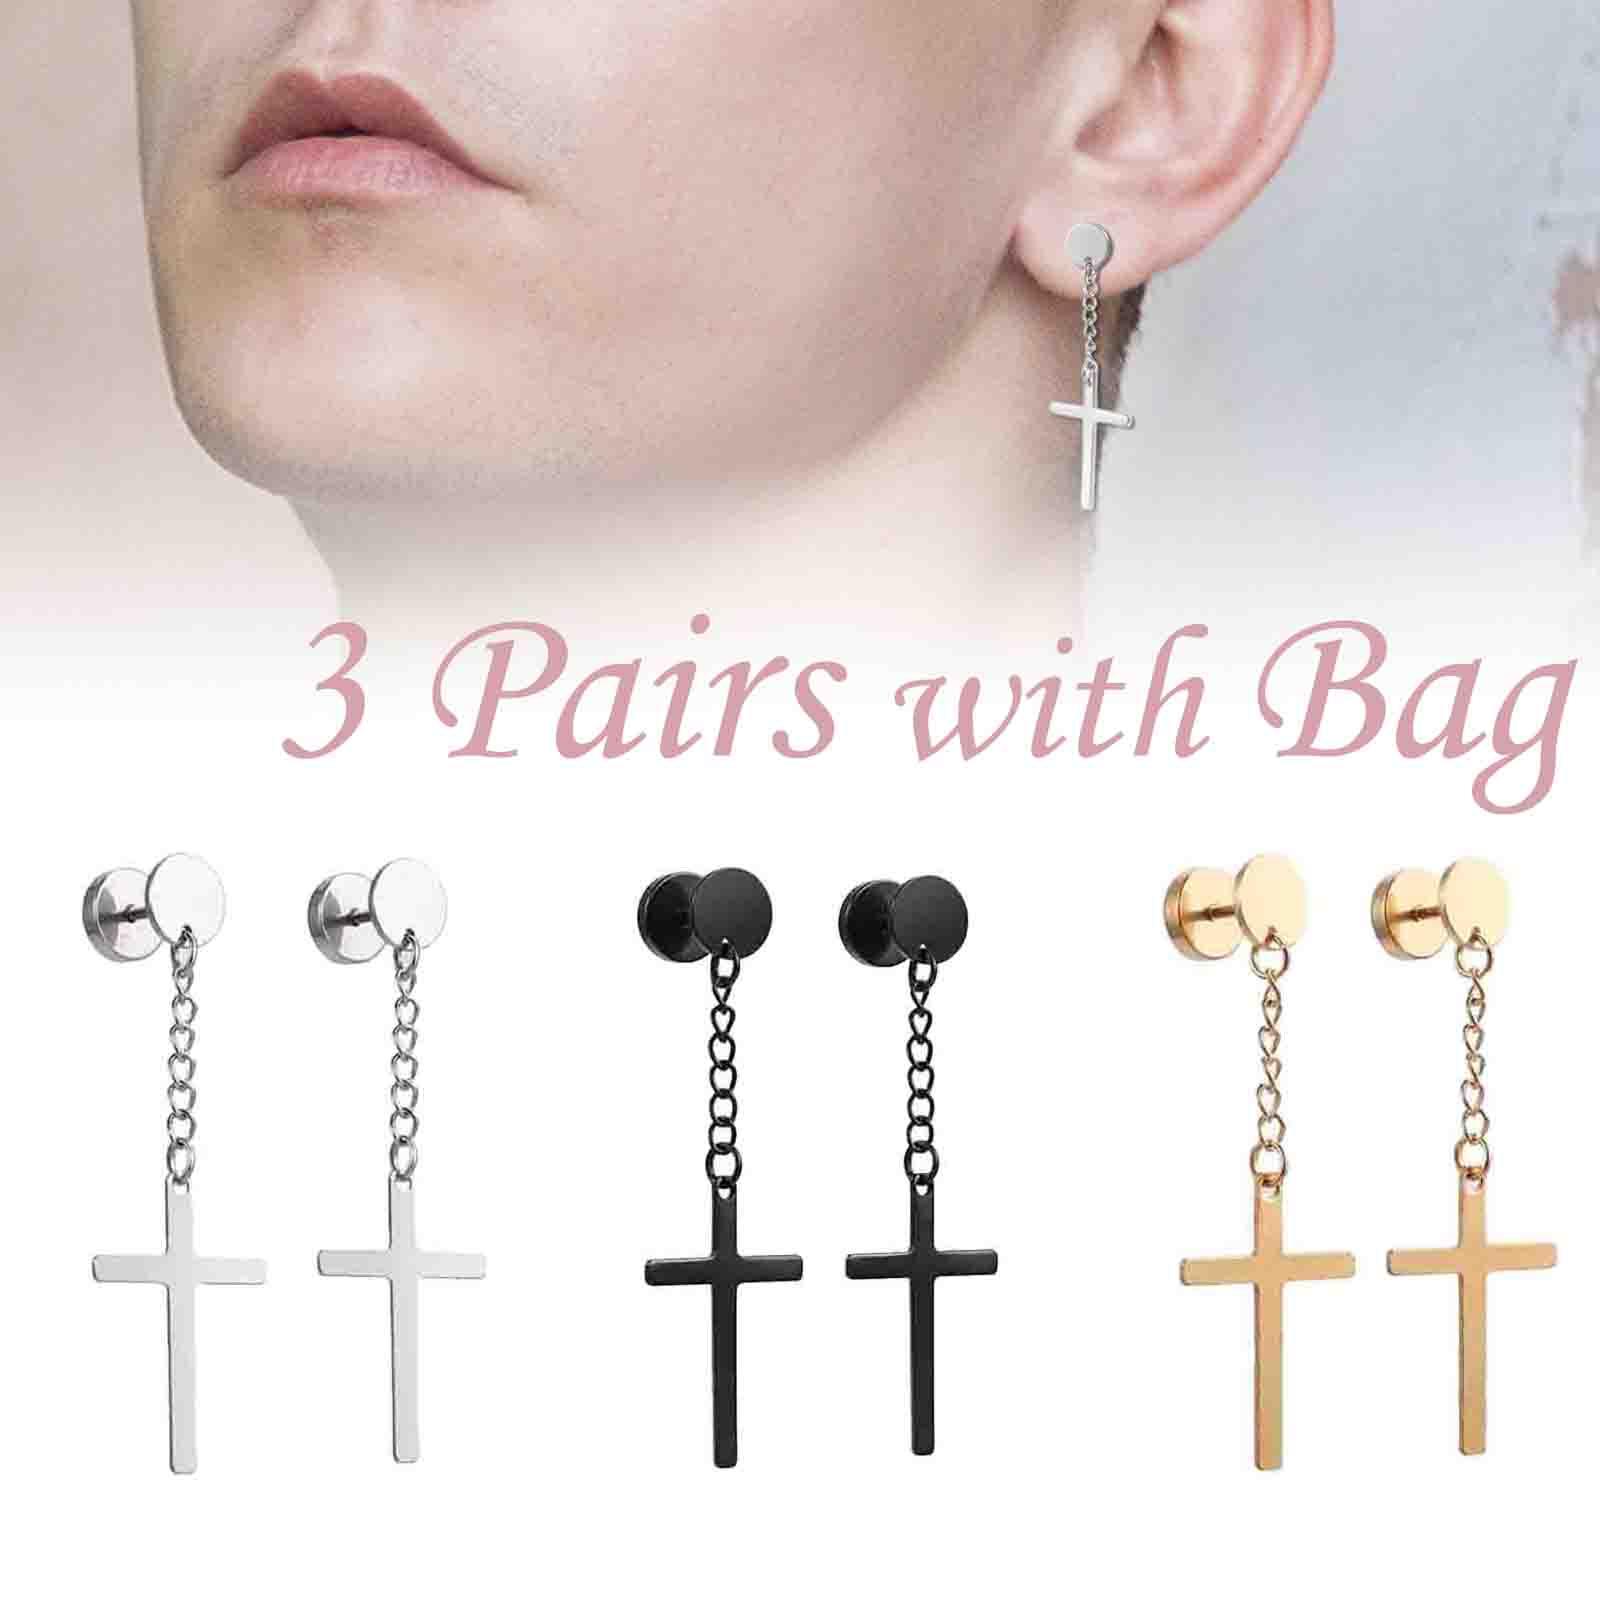 72a3a3d2d95d6 Dangling Cross Earrings For Mens - Best All Earring Photos ...